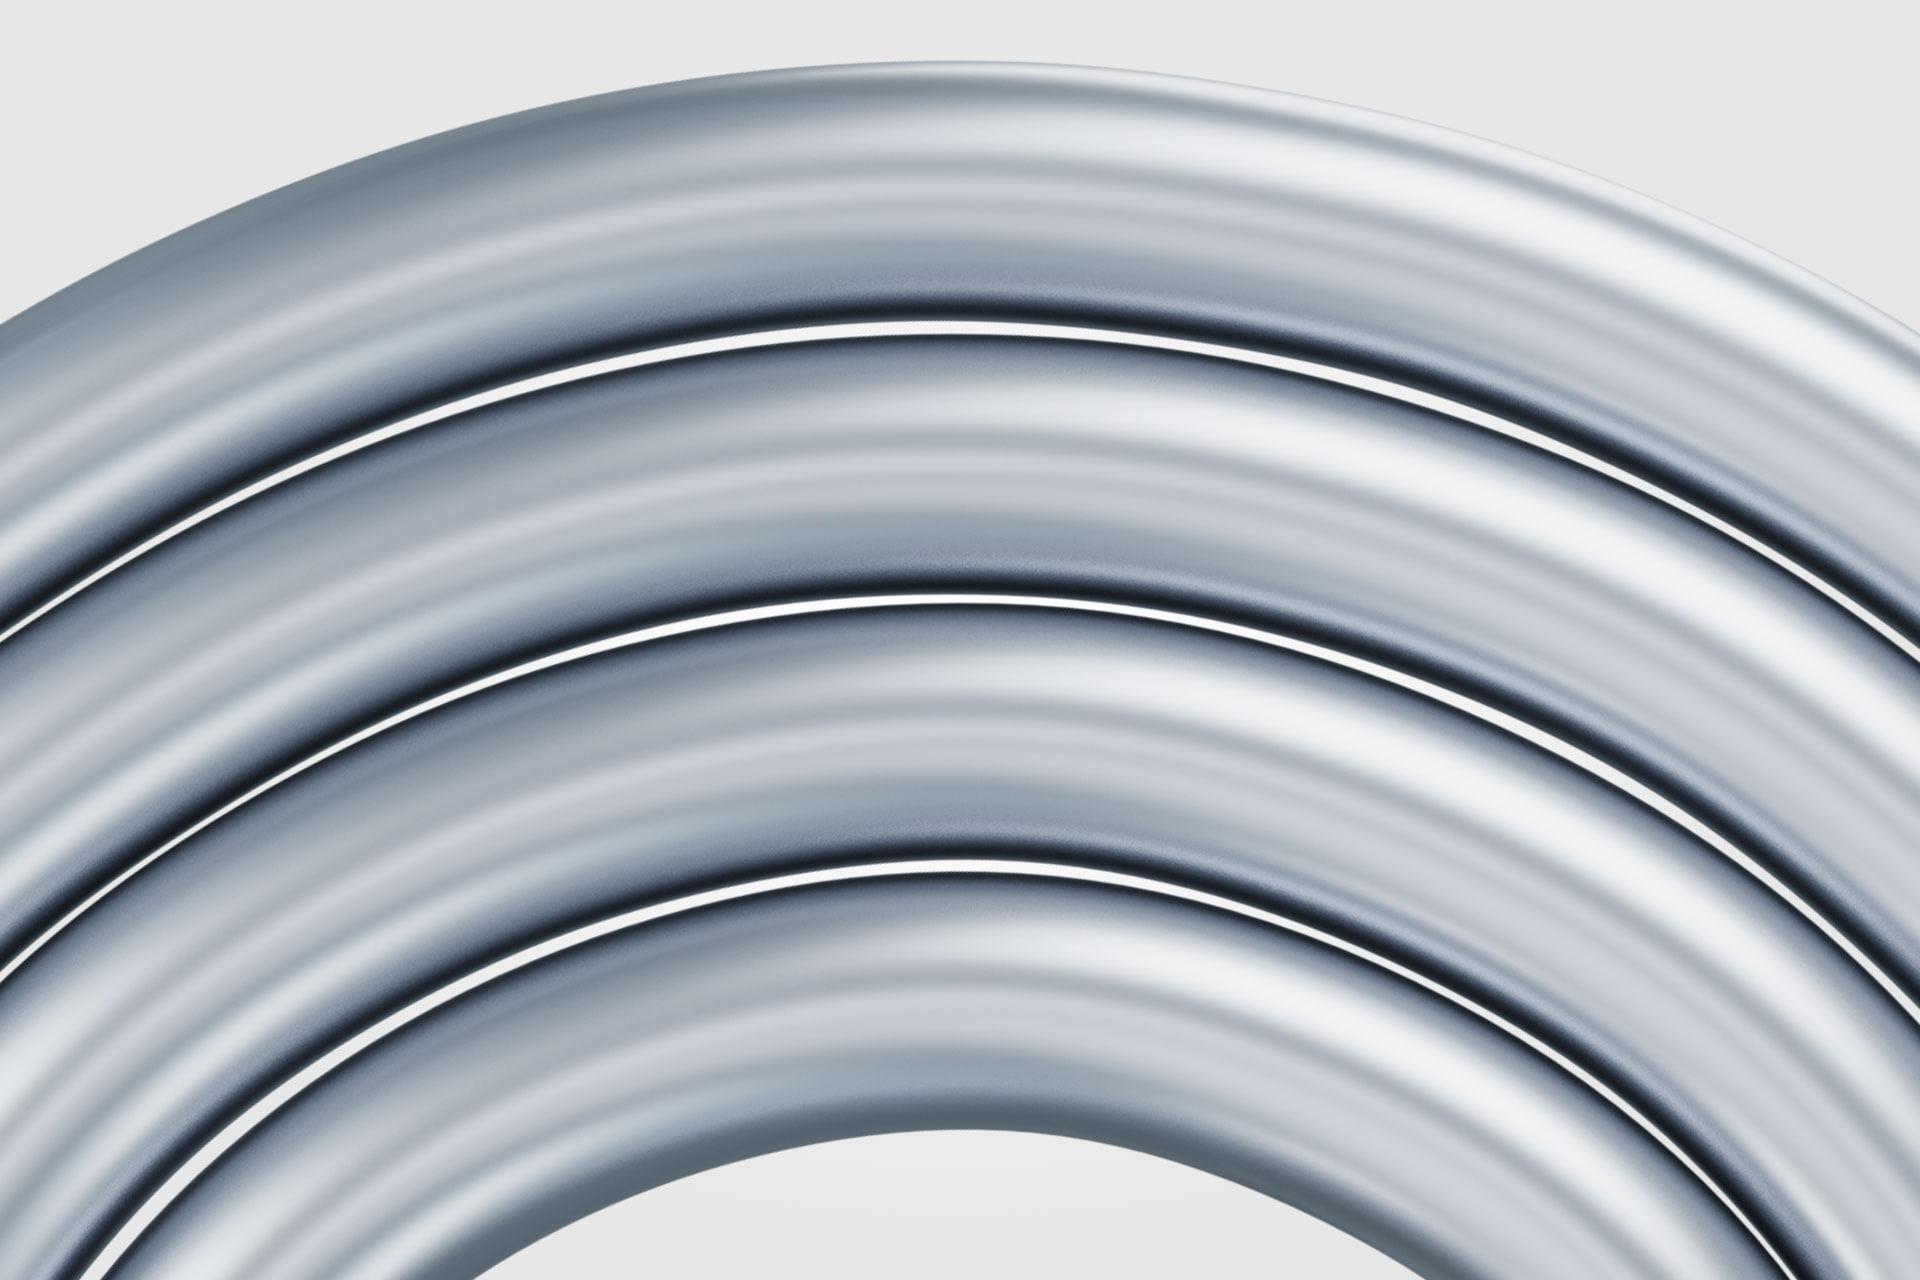 Prisma Brauseschlauch Kunststoff 3 - PRISMA Brauseschlauch aus Kunststoff • Made In Germany